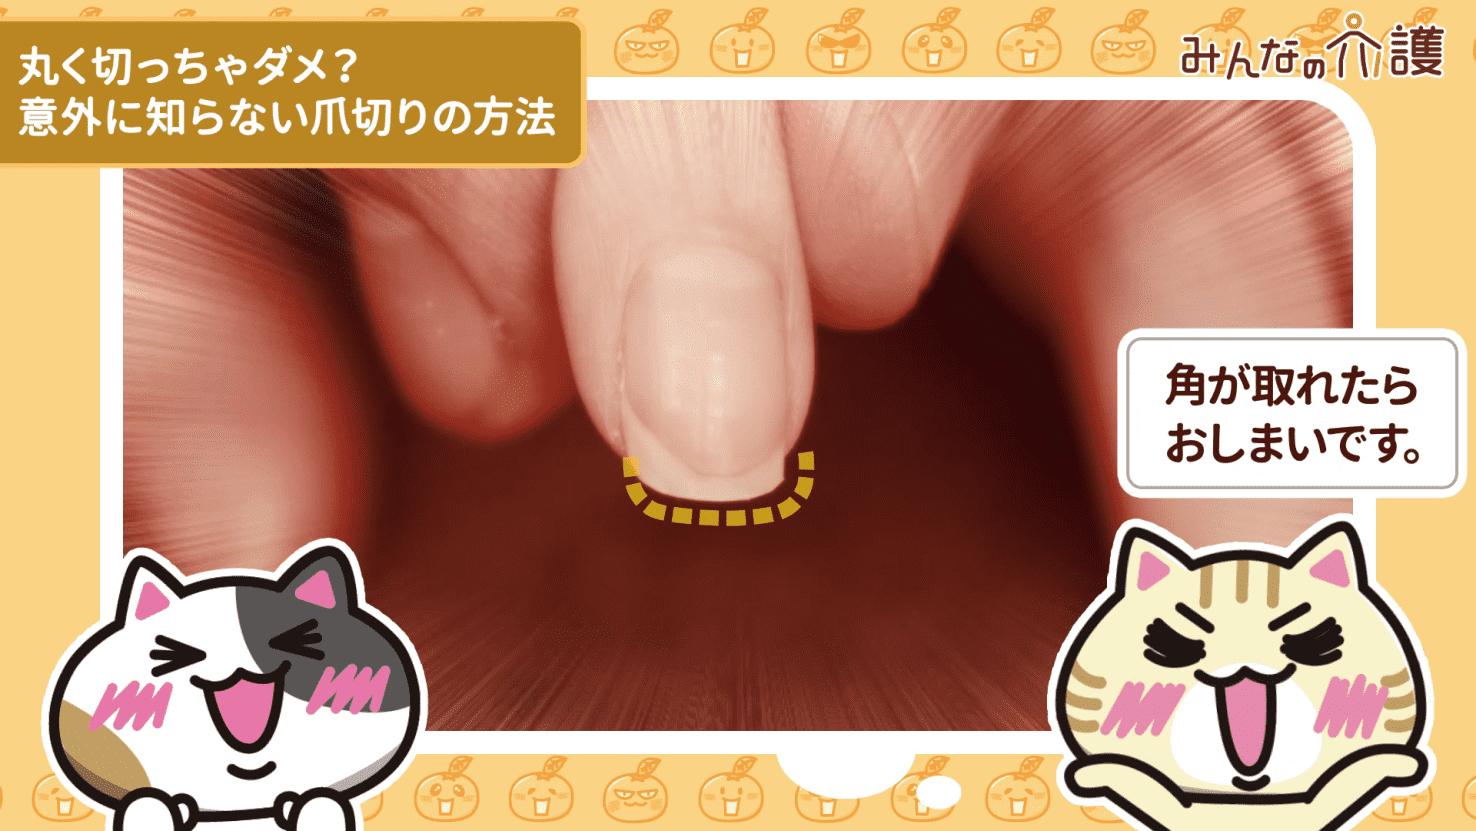 やすりを使って爪をスクエアオフの形に整える